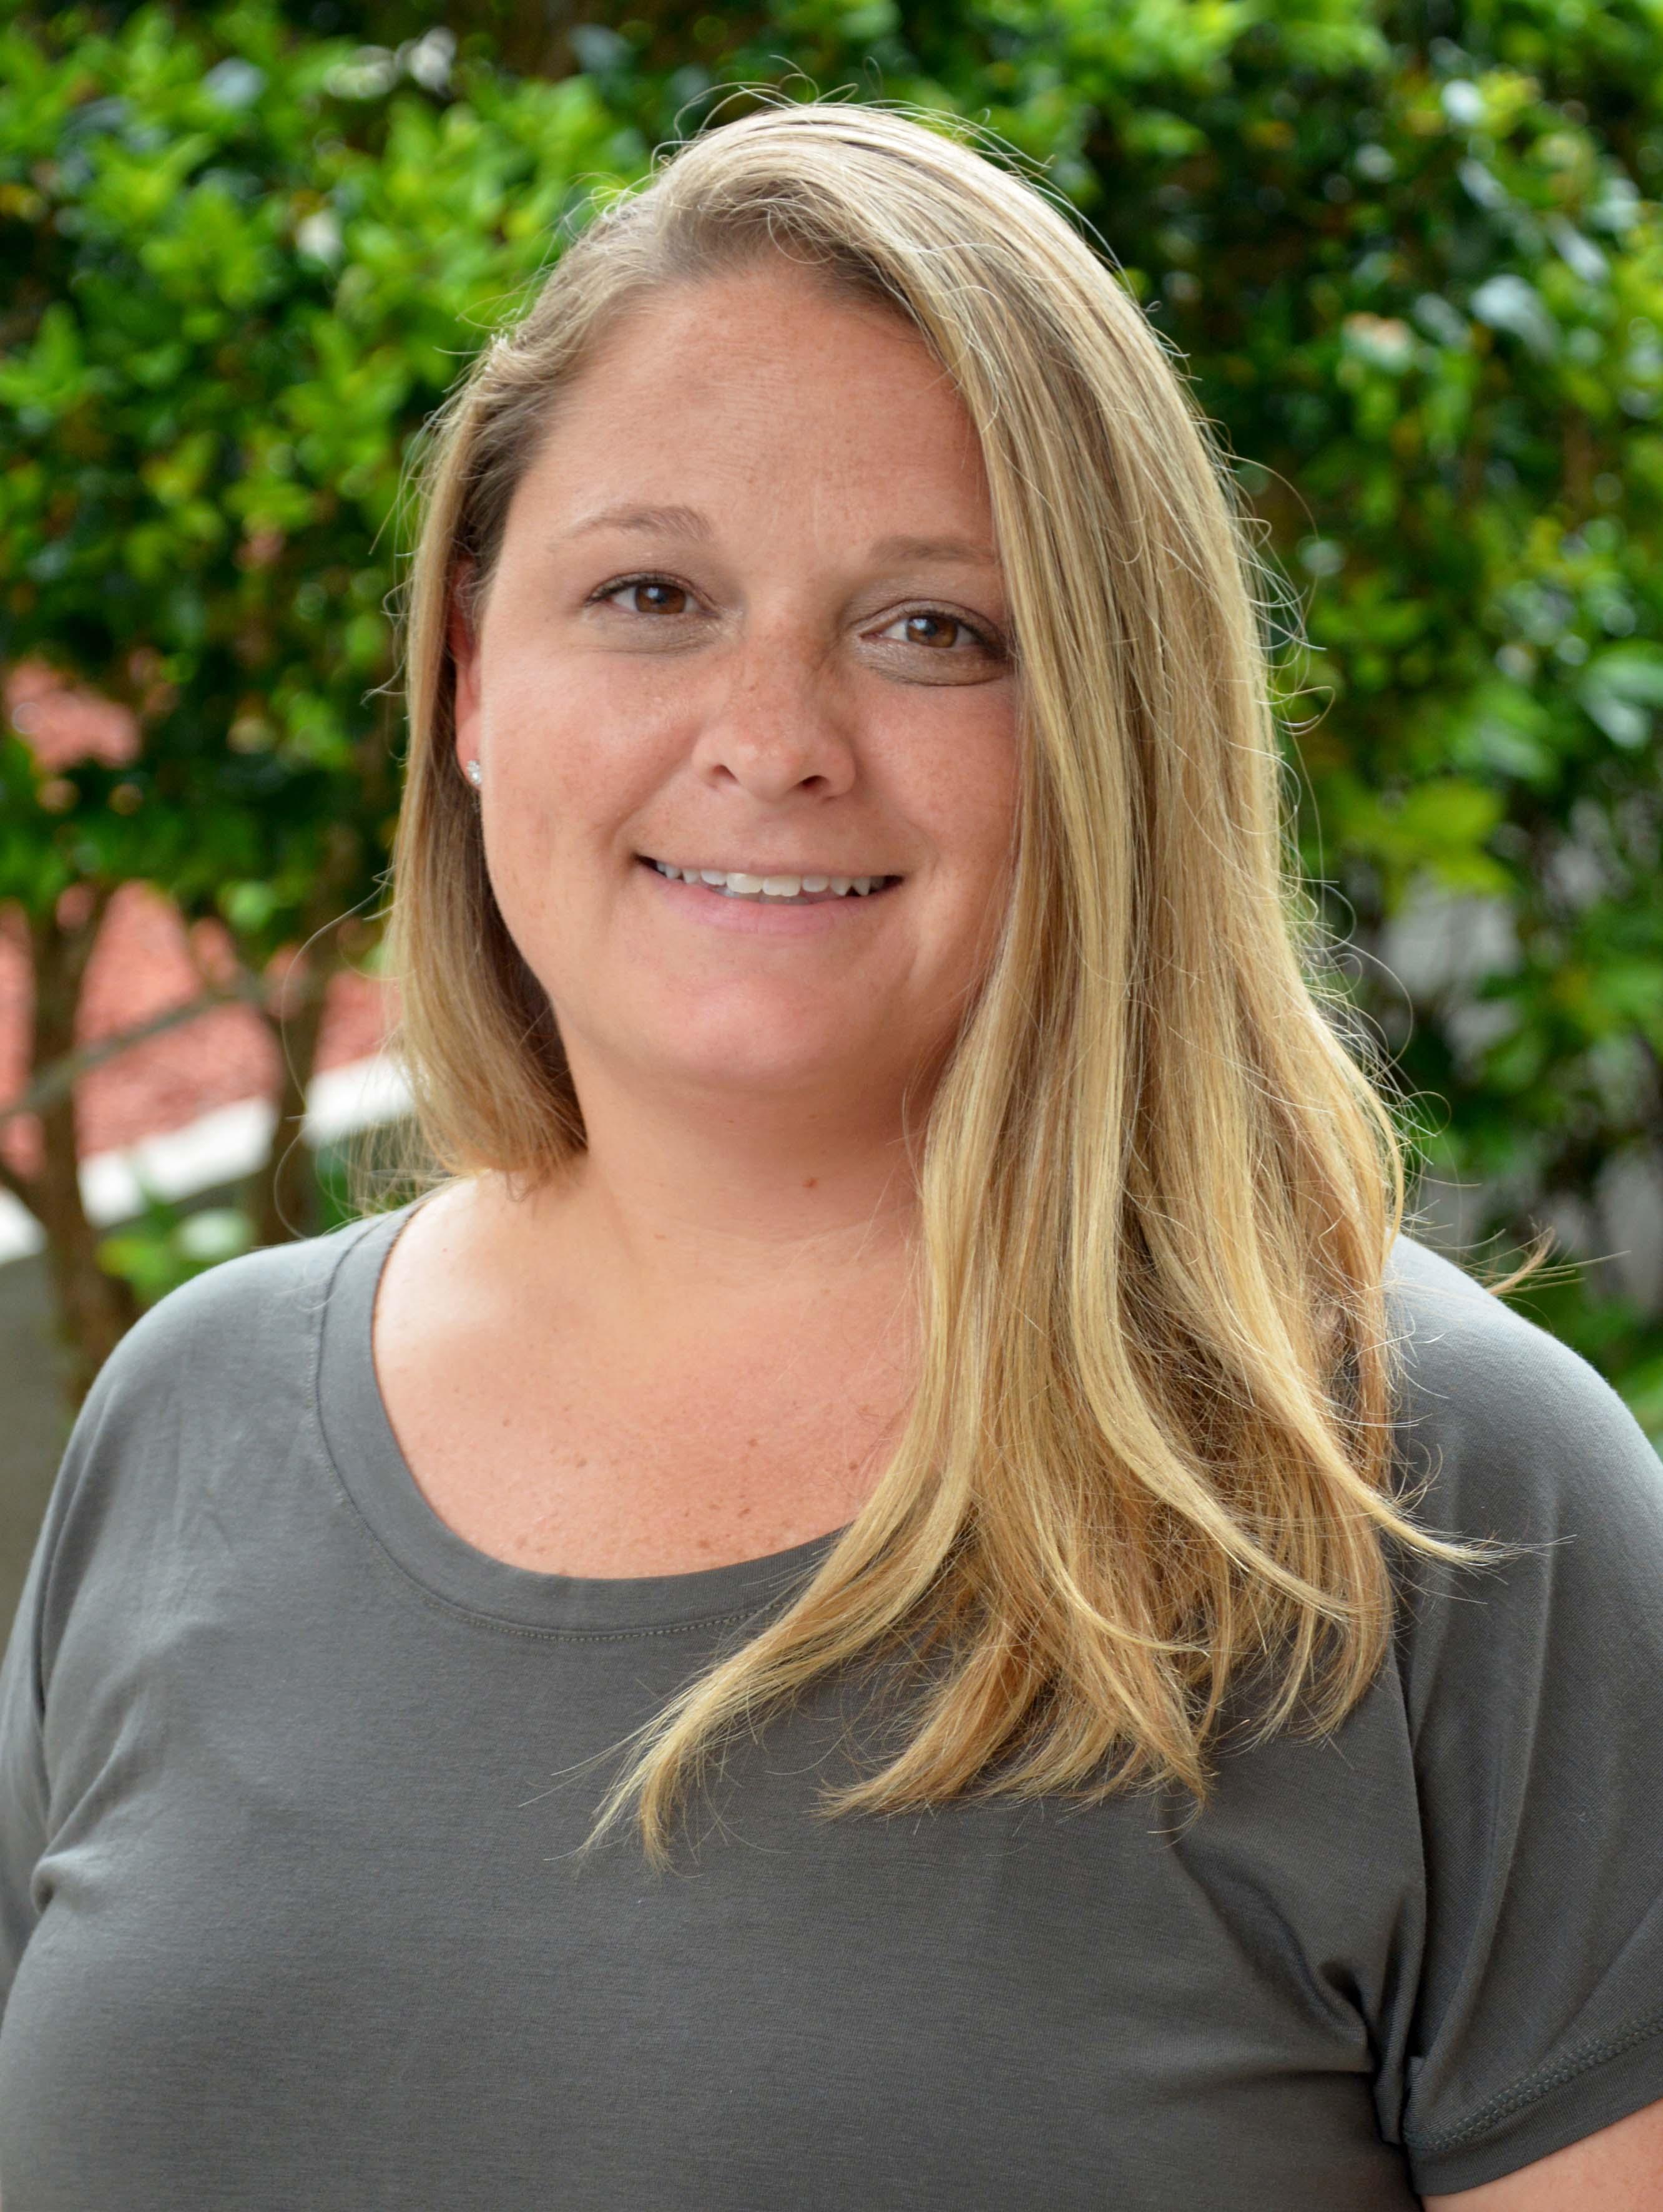 Erin Wooley